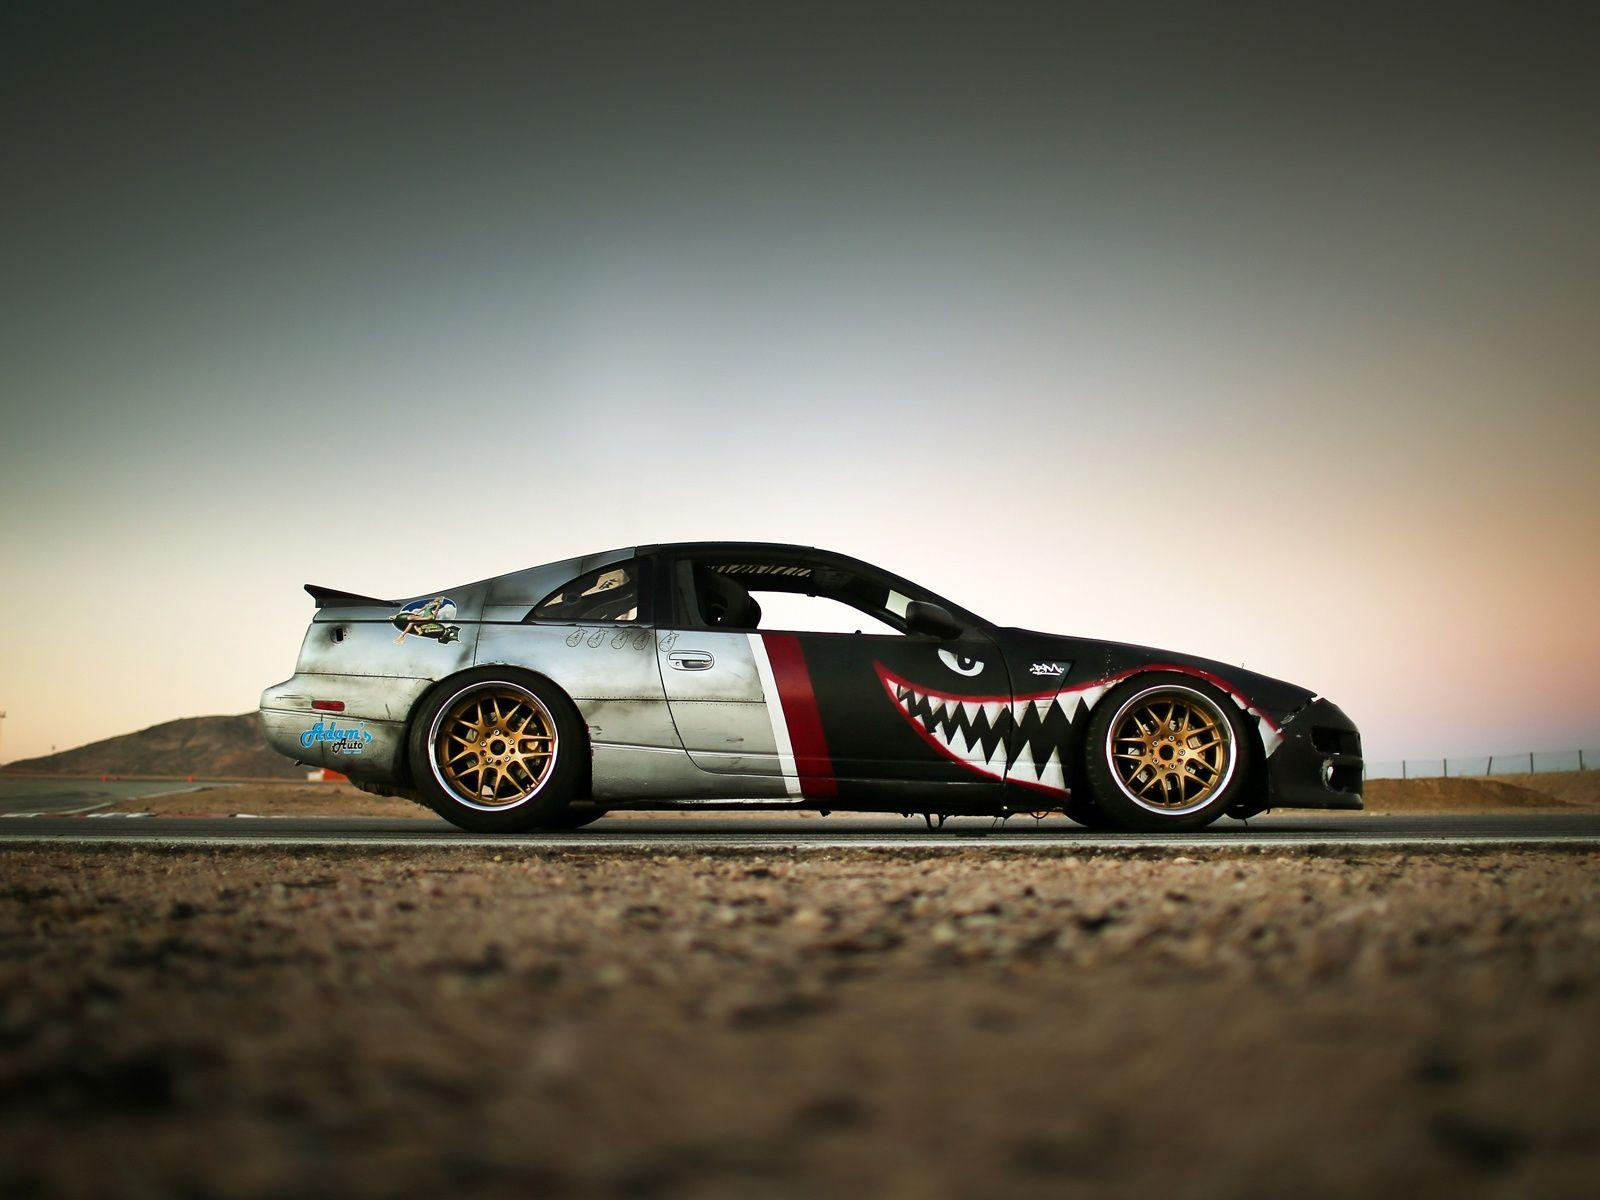 Drift Cars Wallpapers Hd Wallpaper Cave